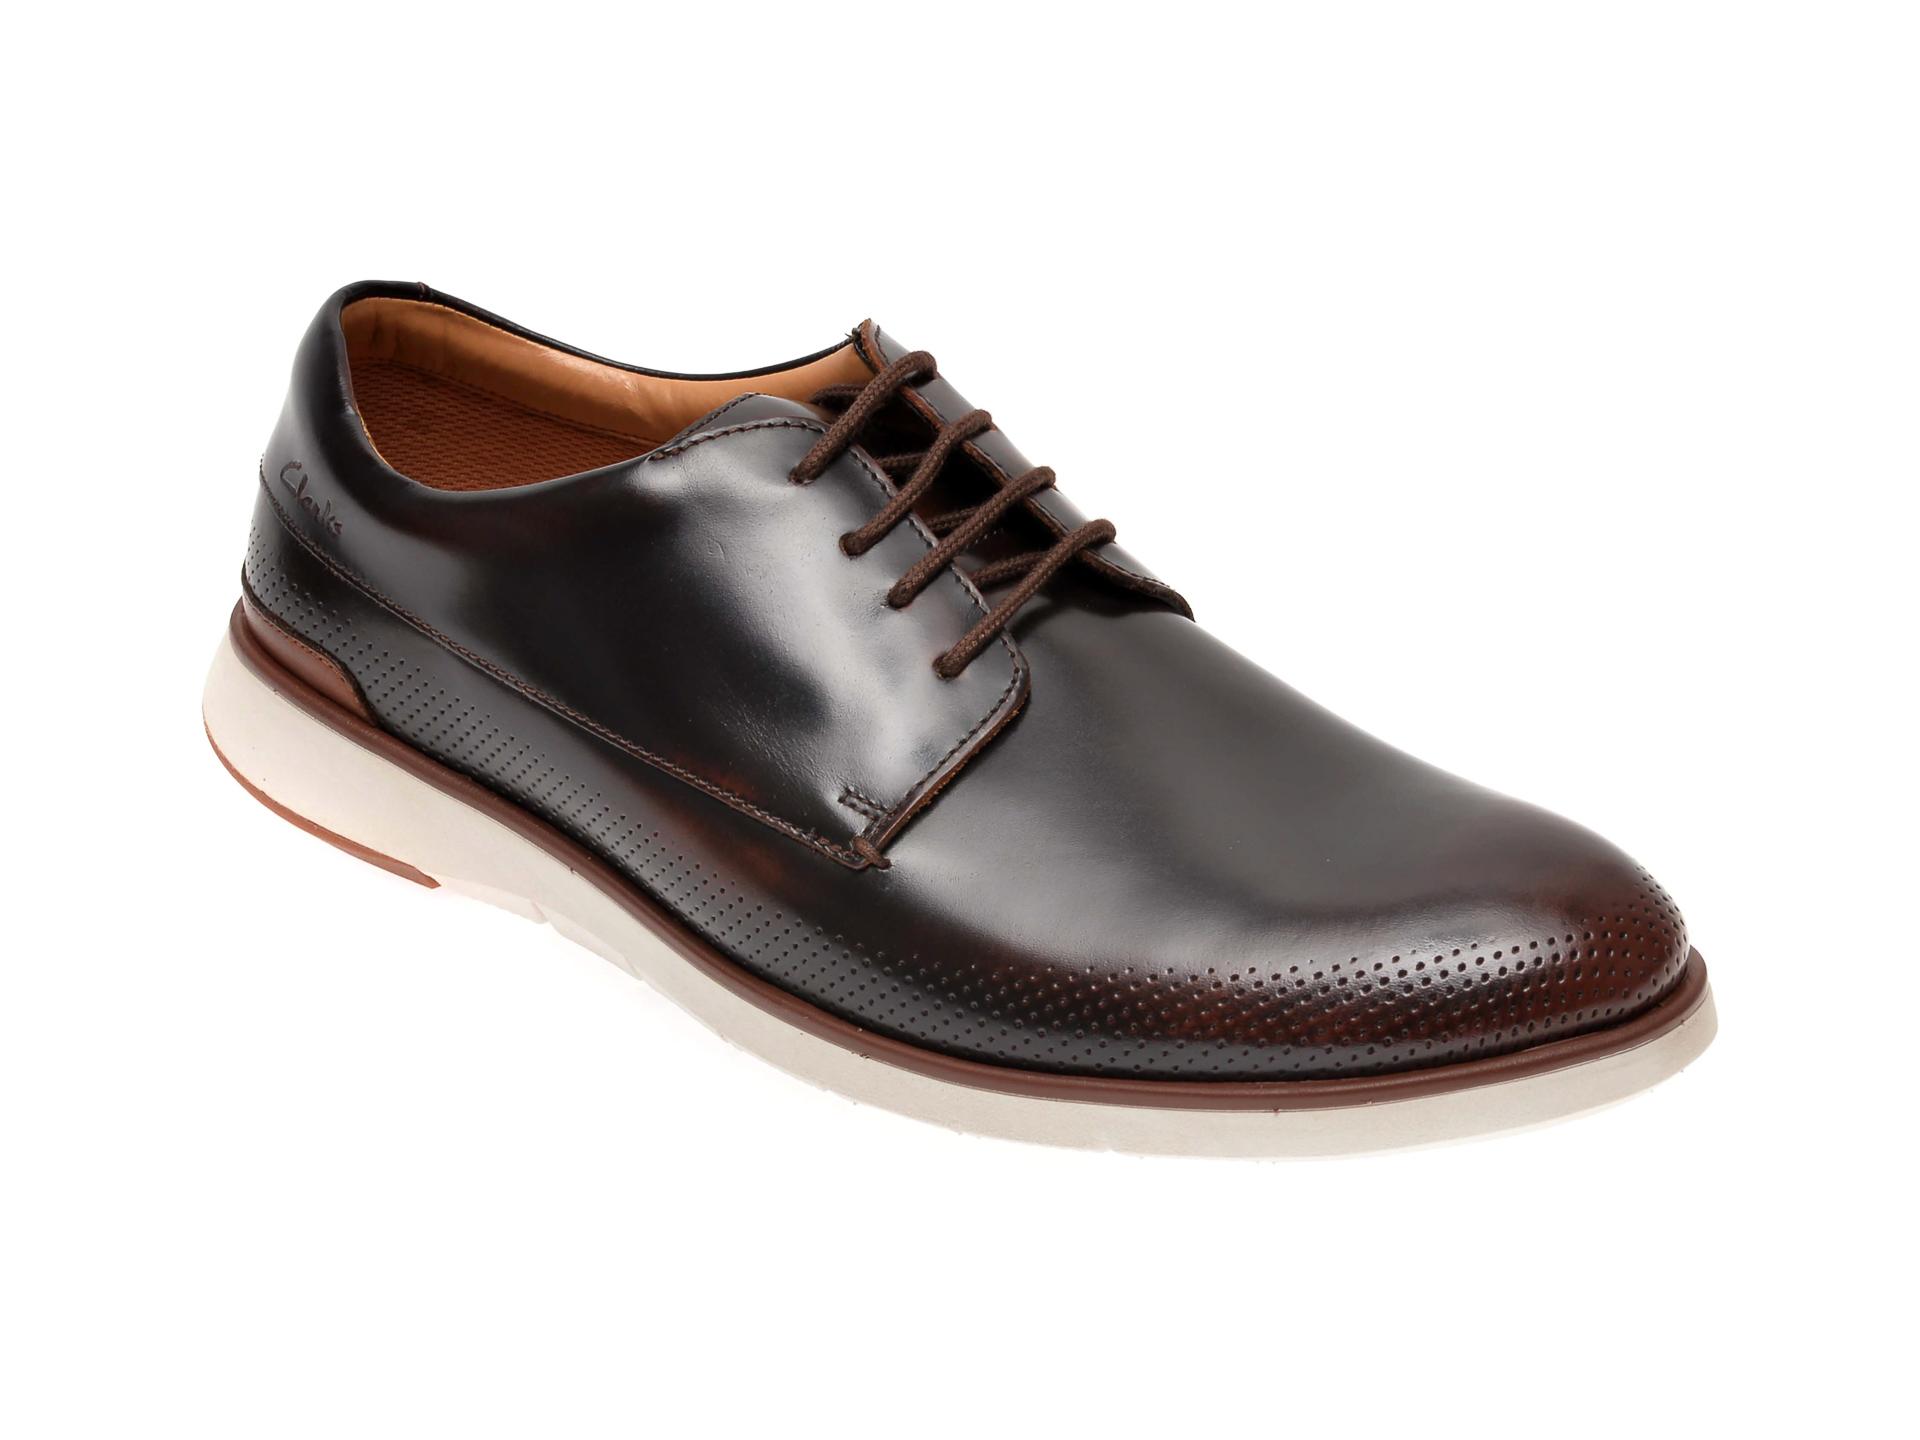 Pantofi CLARKS maro, Helston Walk, din piele naturala imagine